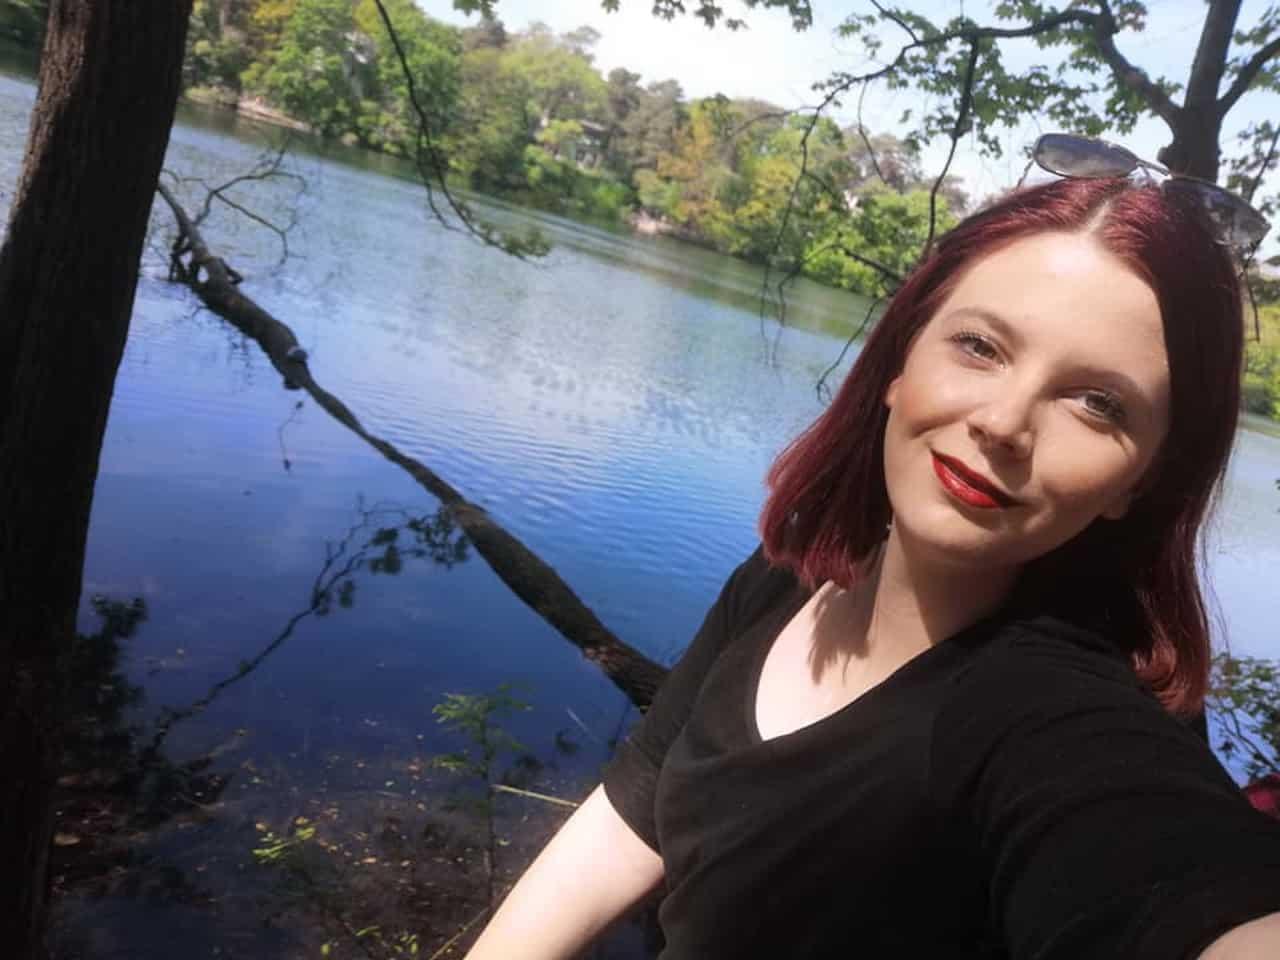 Blitzlichtfoto: Sophia Kräge - Social Media Redakteurin und Projektassistentin